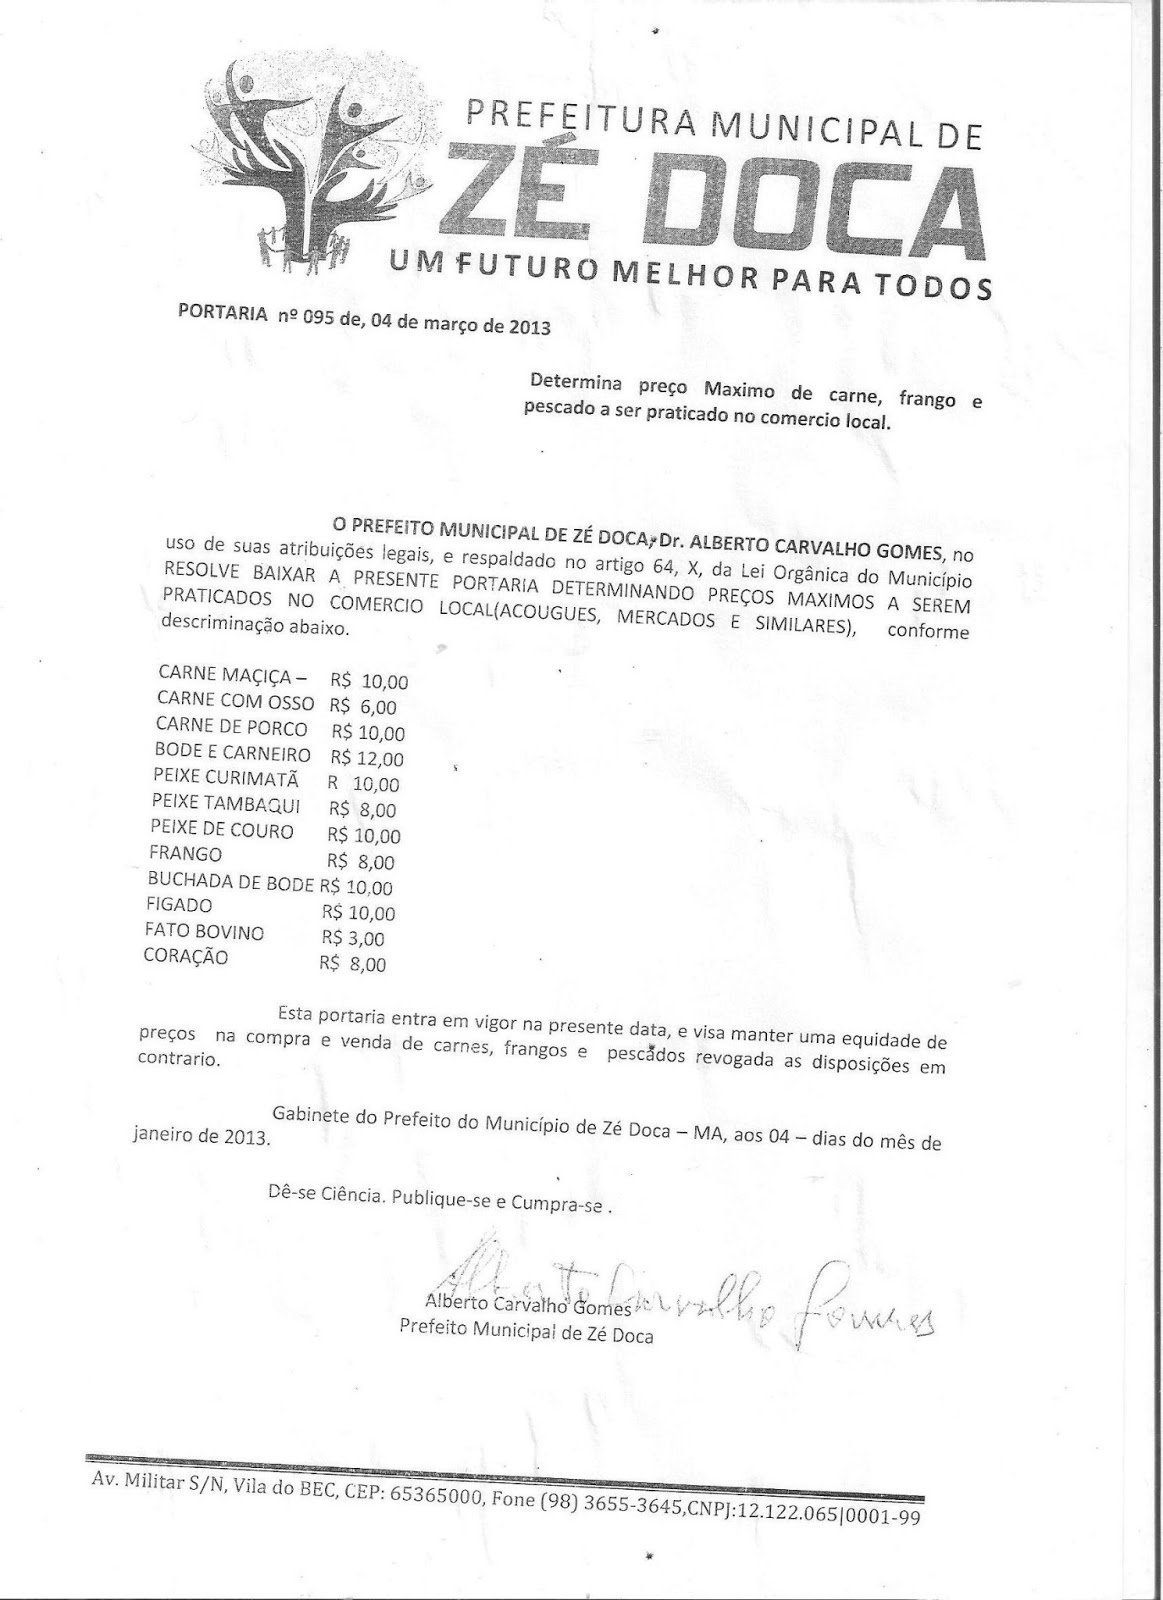 Determinação do prefeito de Zé Doca